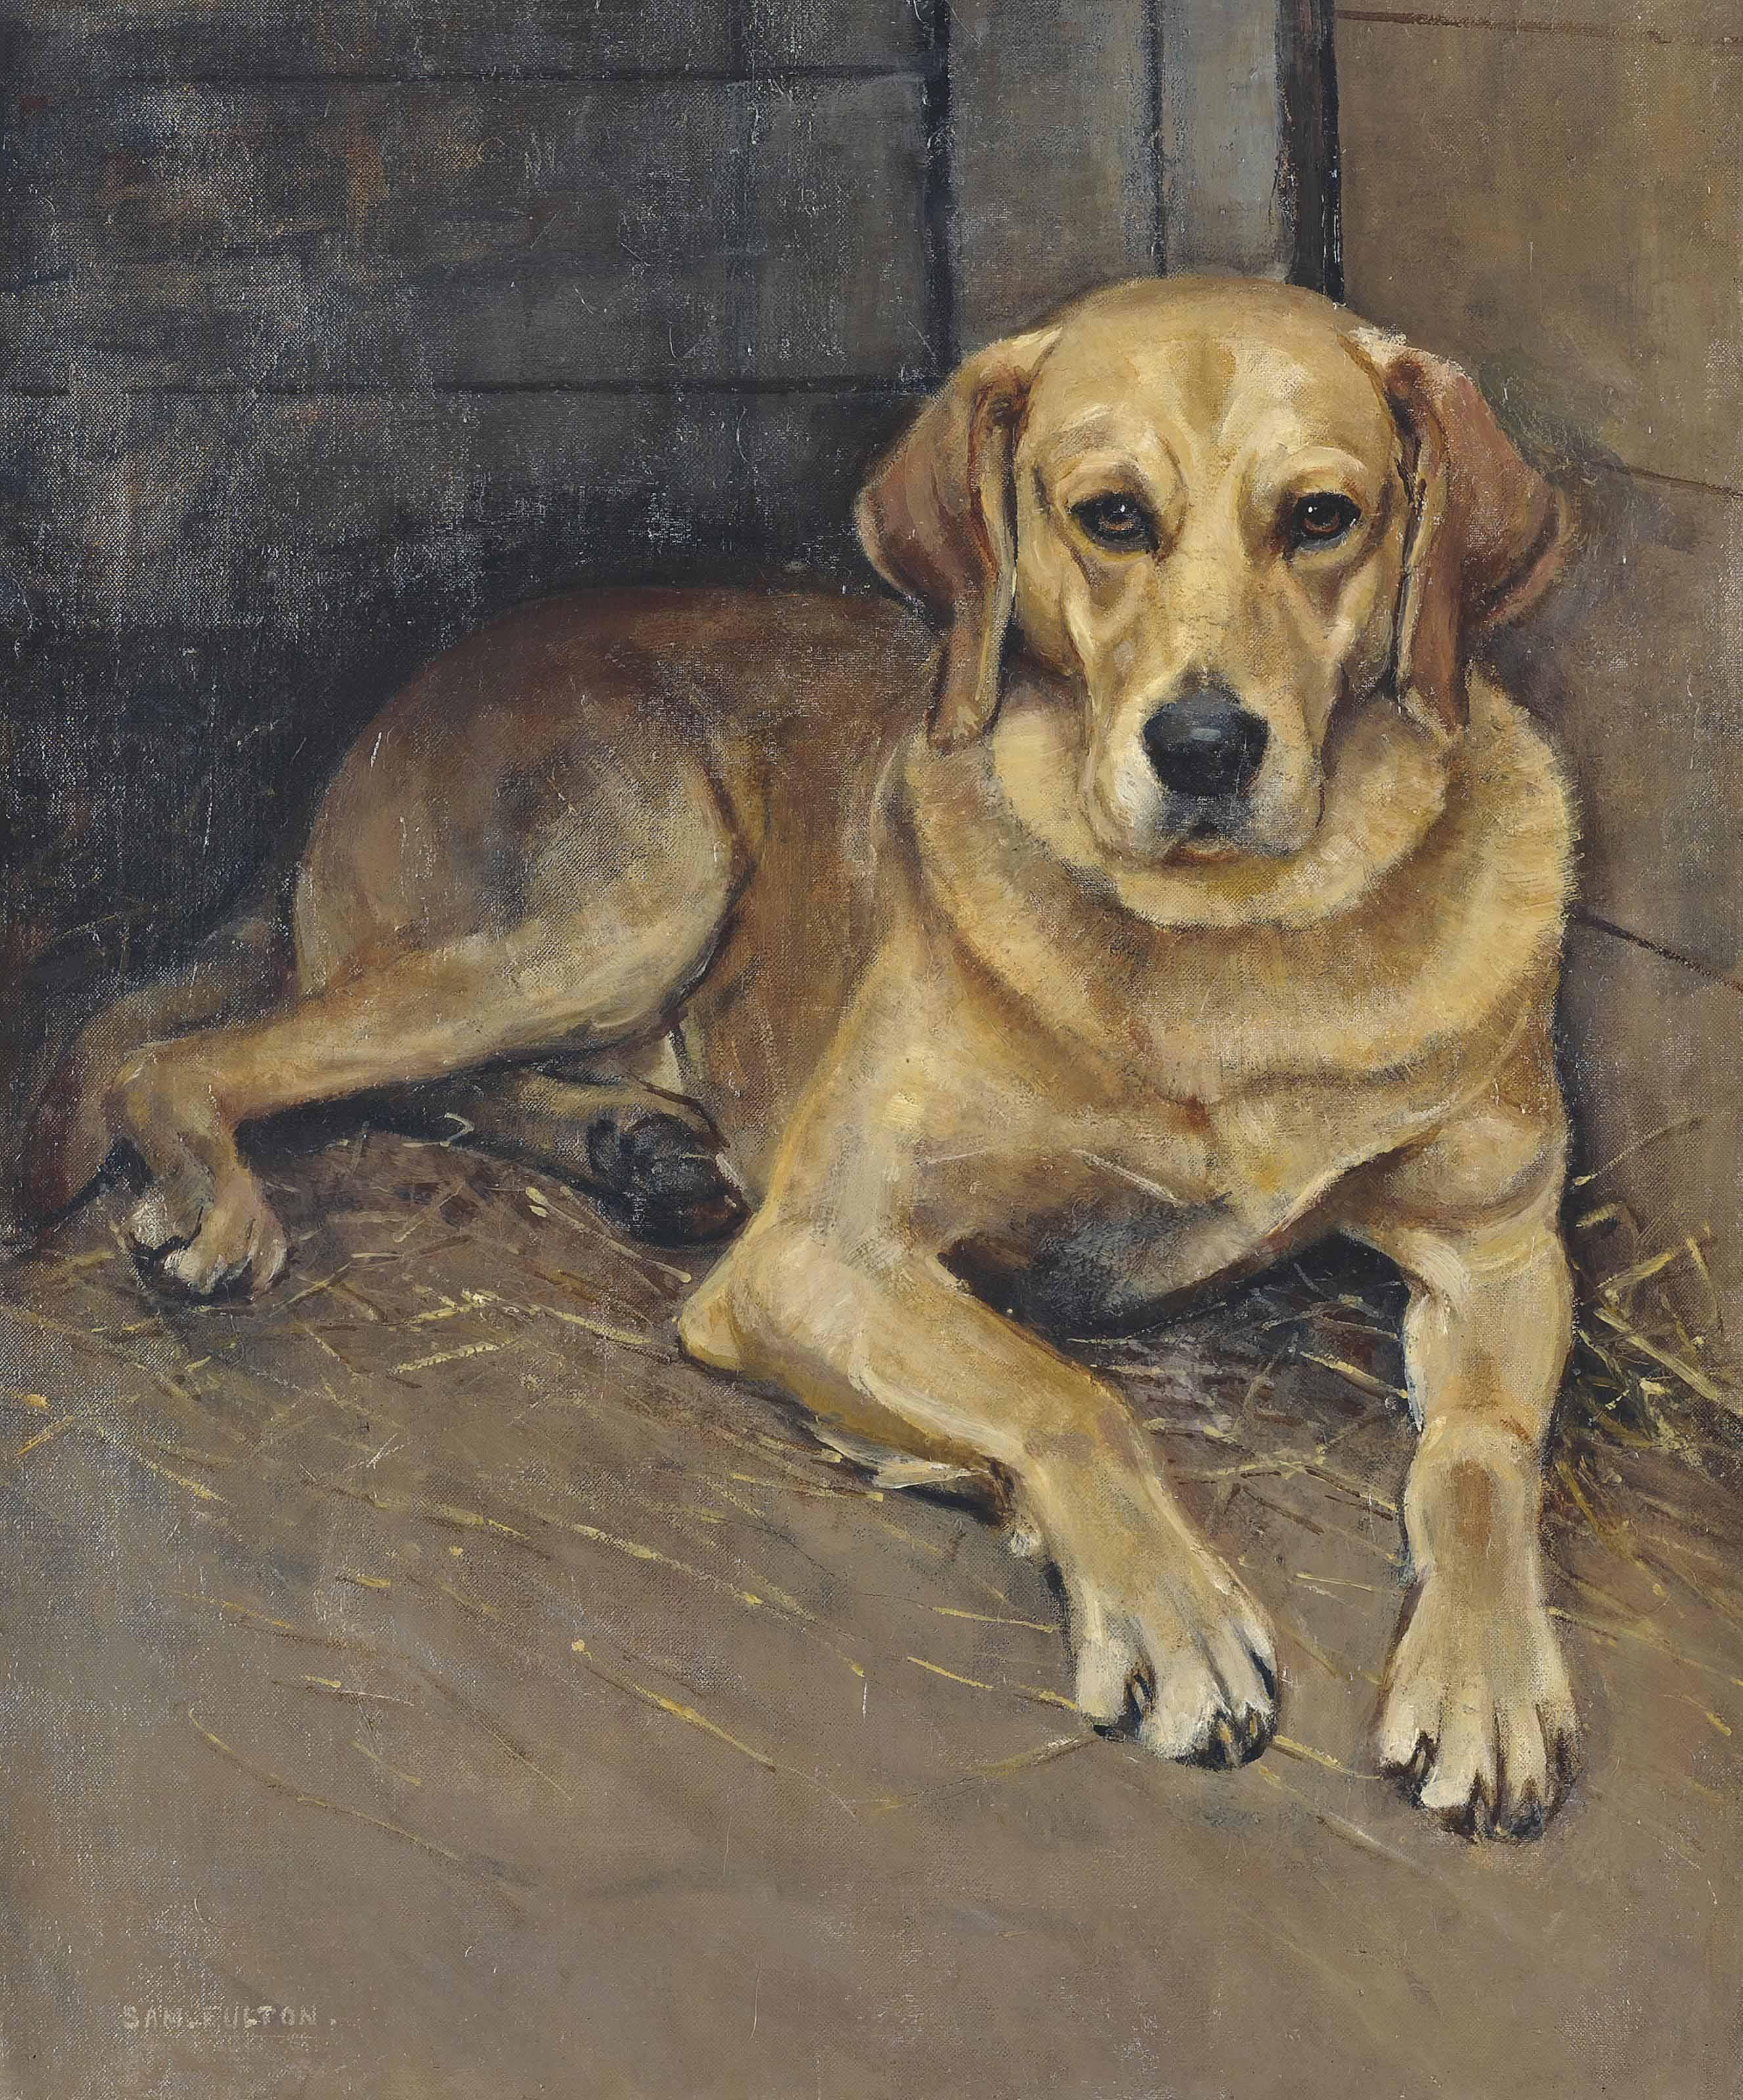 'Luath', the labrador